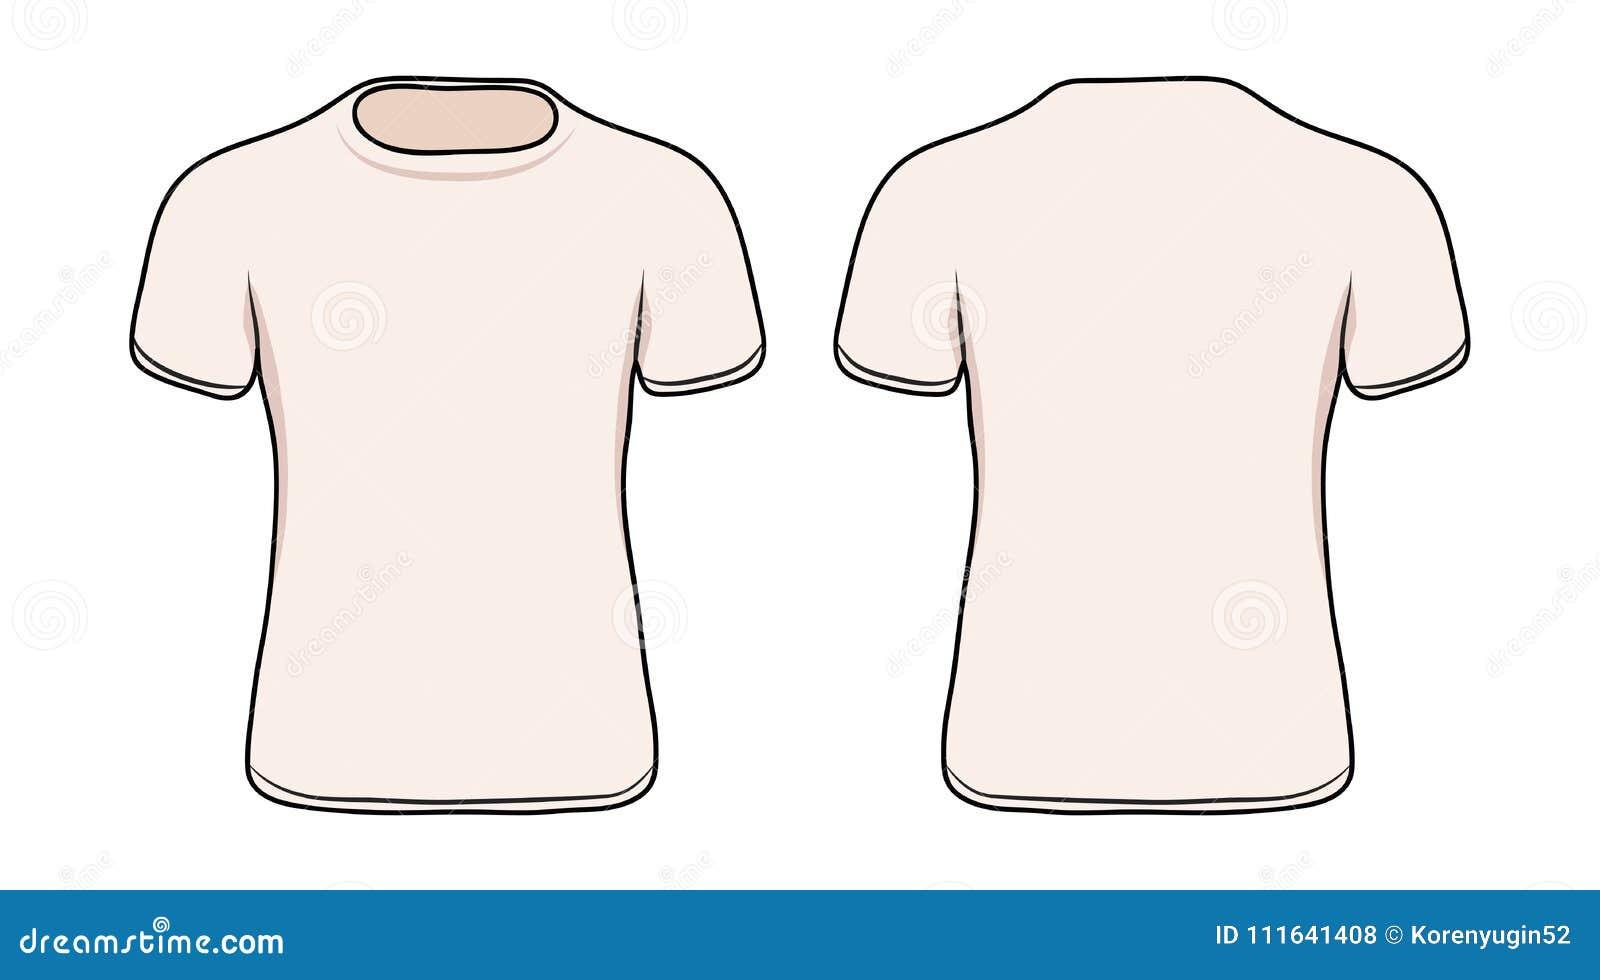 Blank White T Shirt Template Stock Vector Illustration Stock Vector